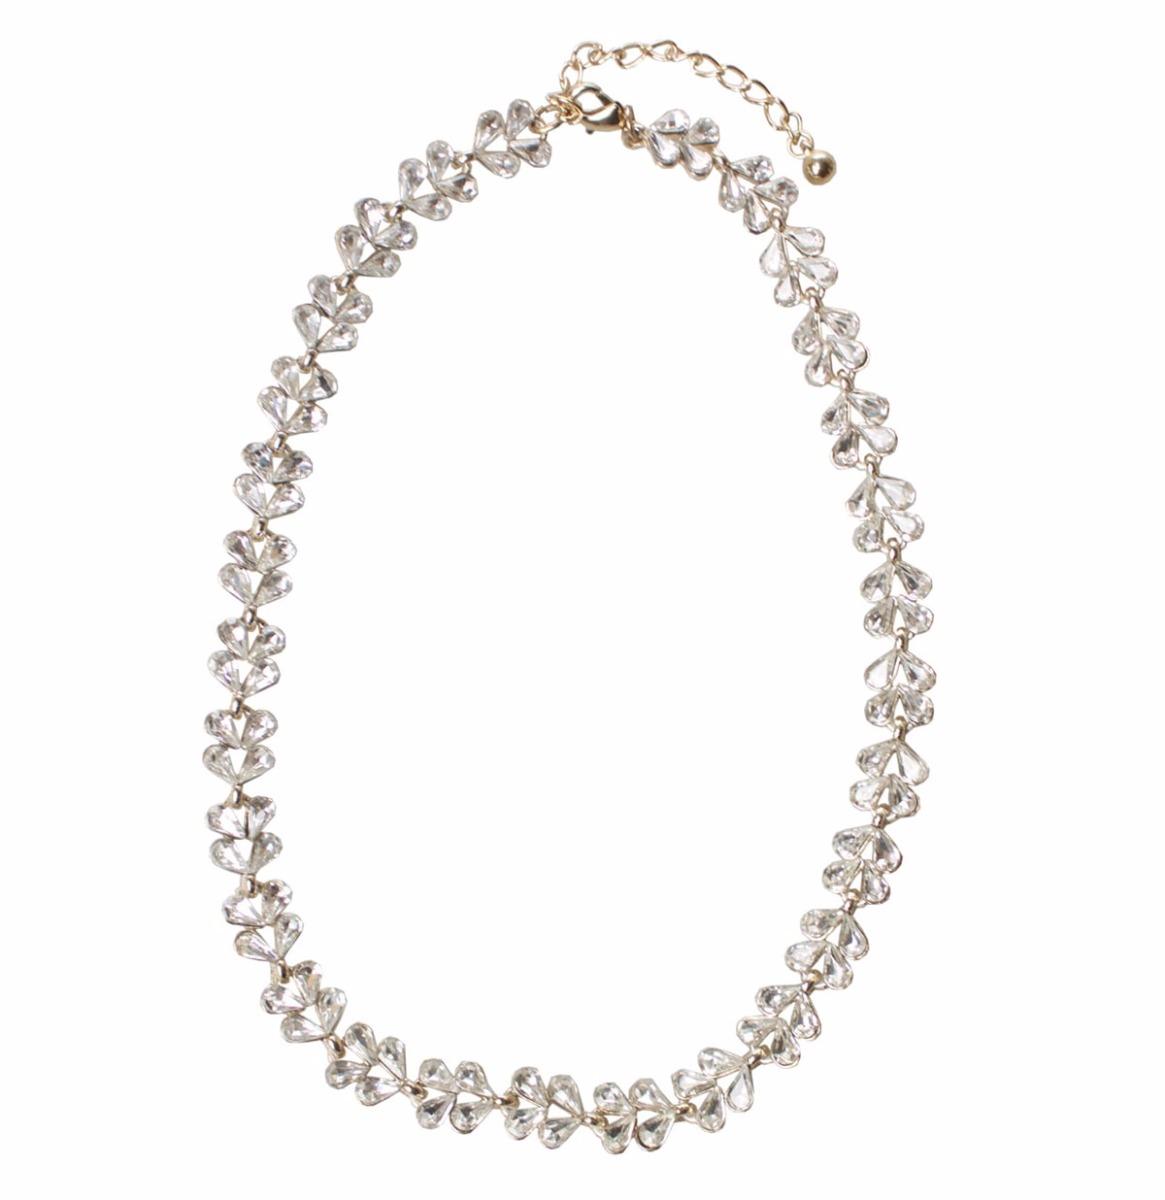 Dianne Diamante Necklace